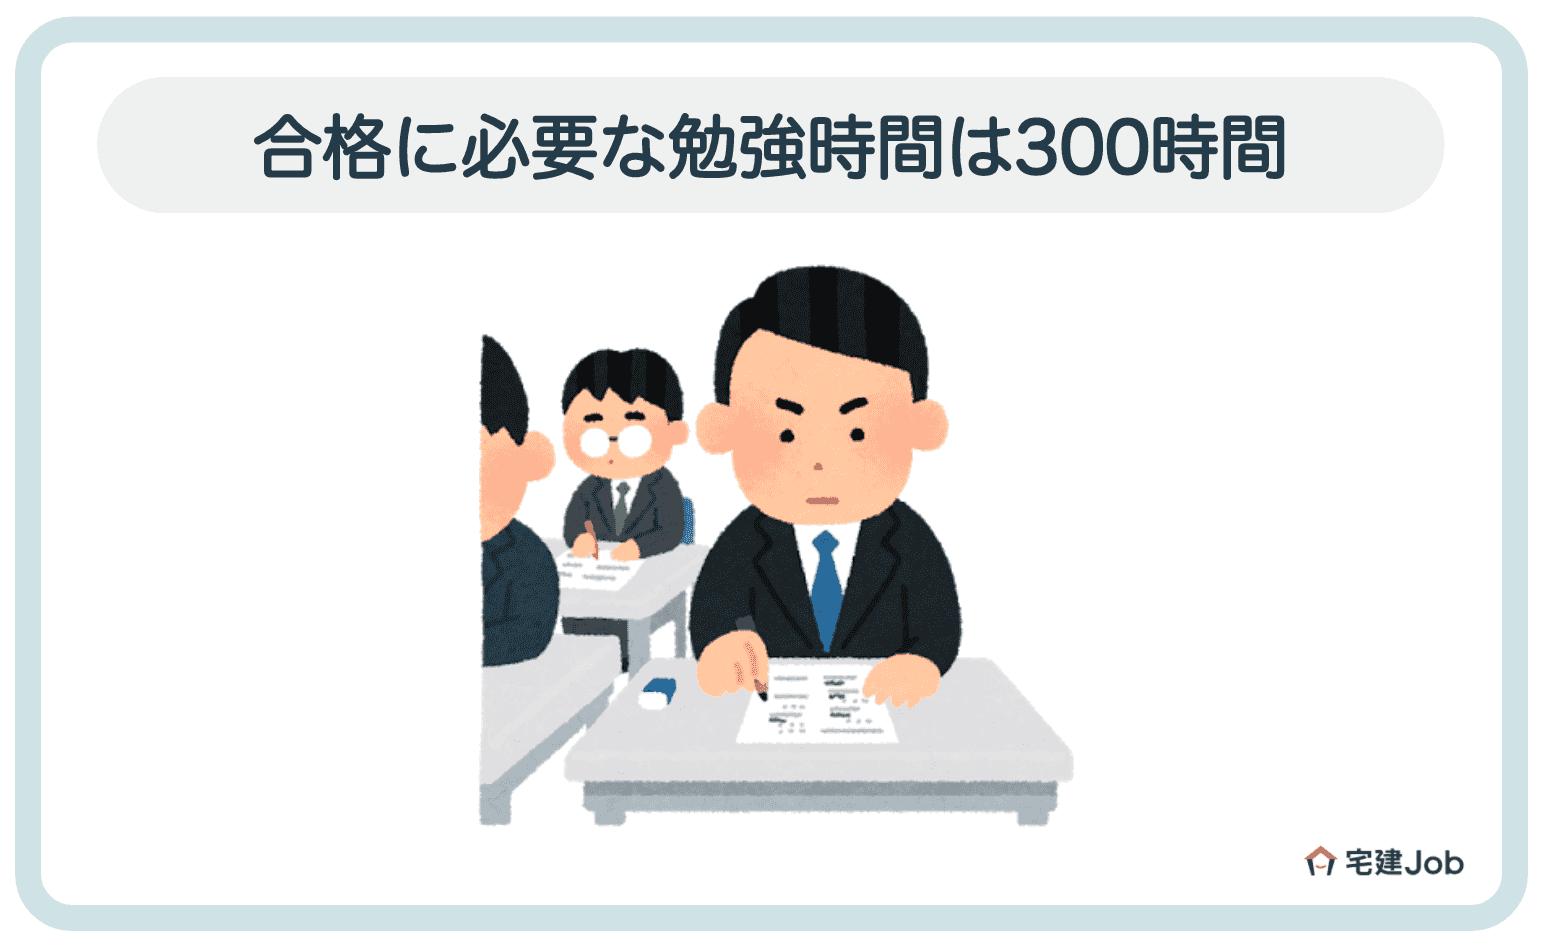 1.管理業務主任者合格に必要な勉強時間は約300時間